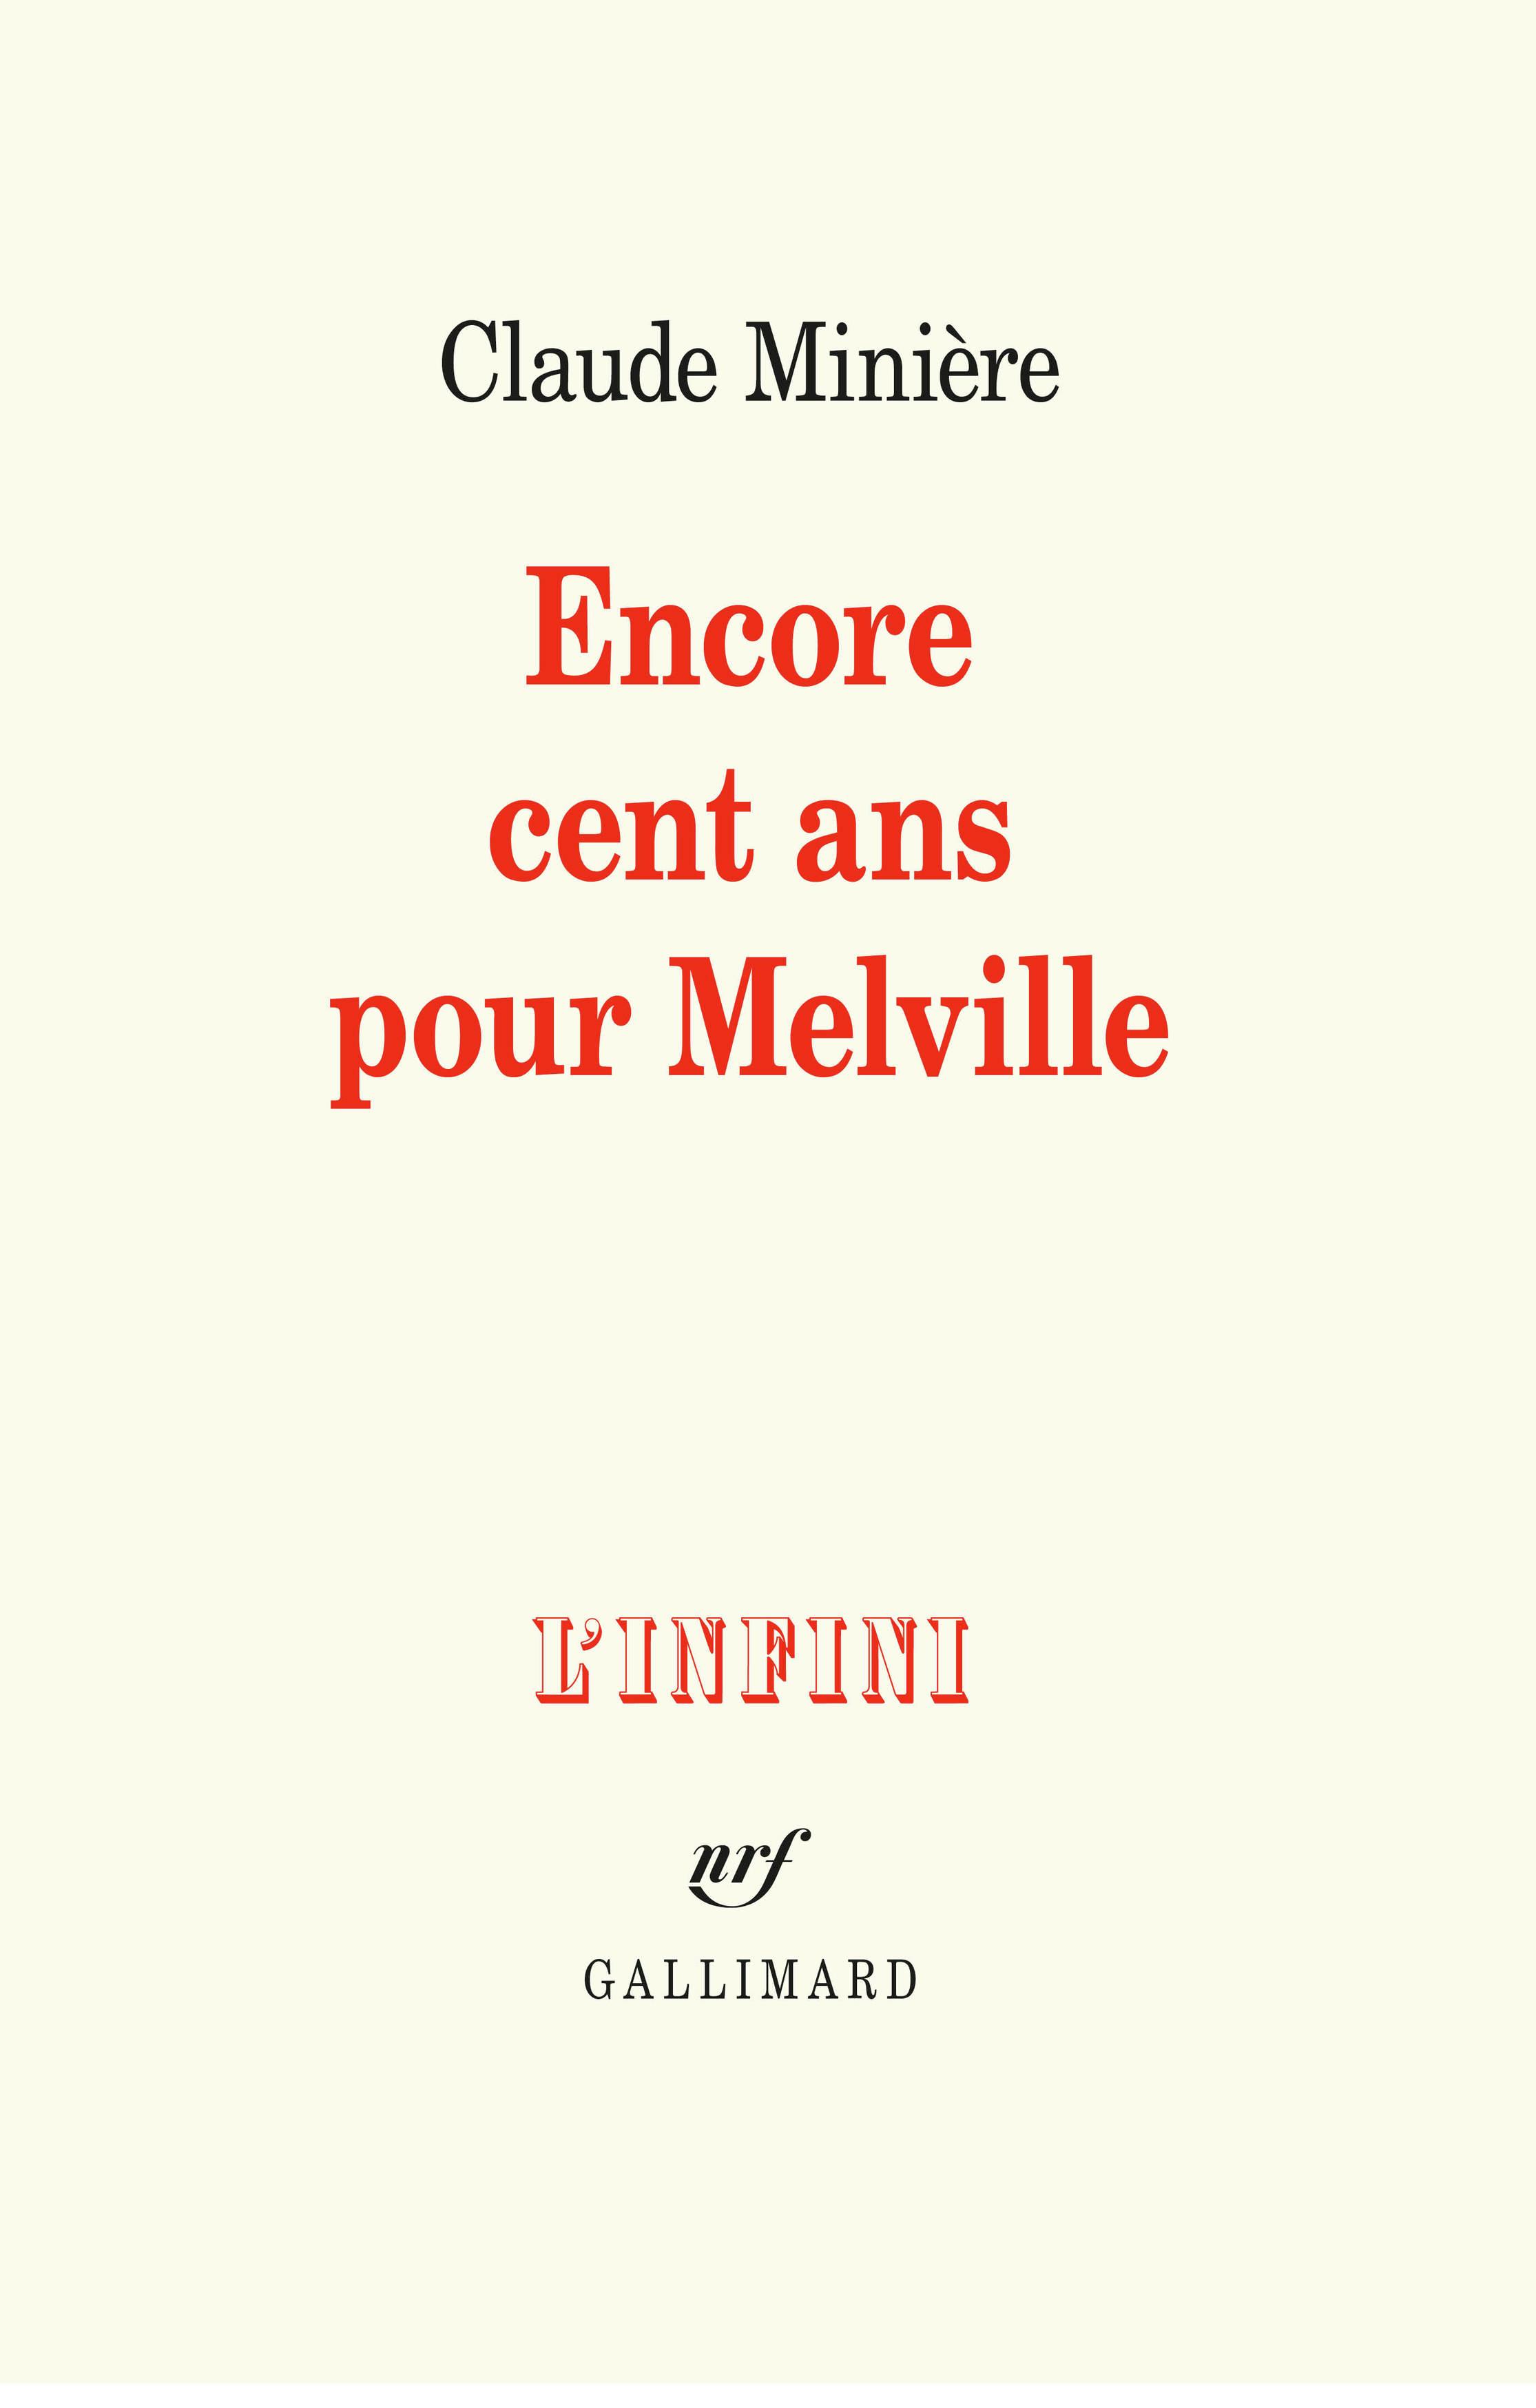 C. Minière, Encore cent ans pour Melville